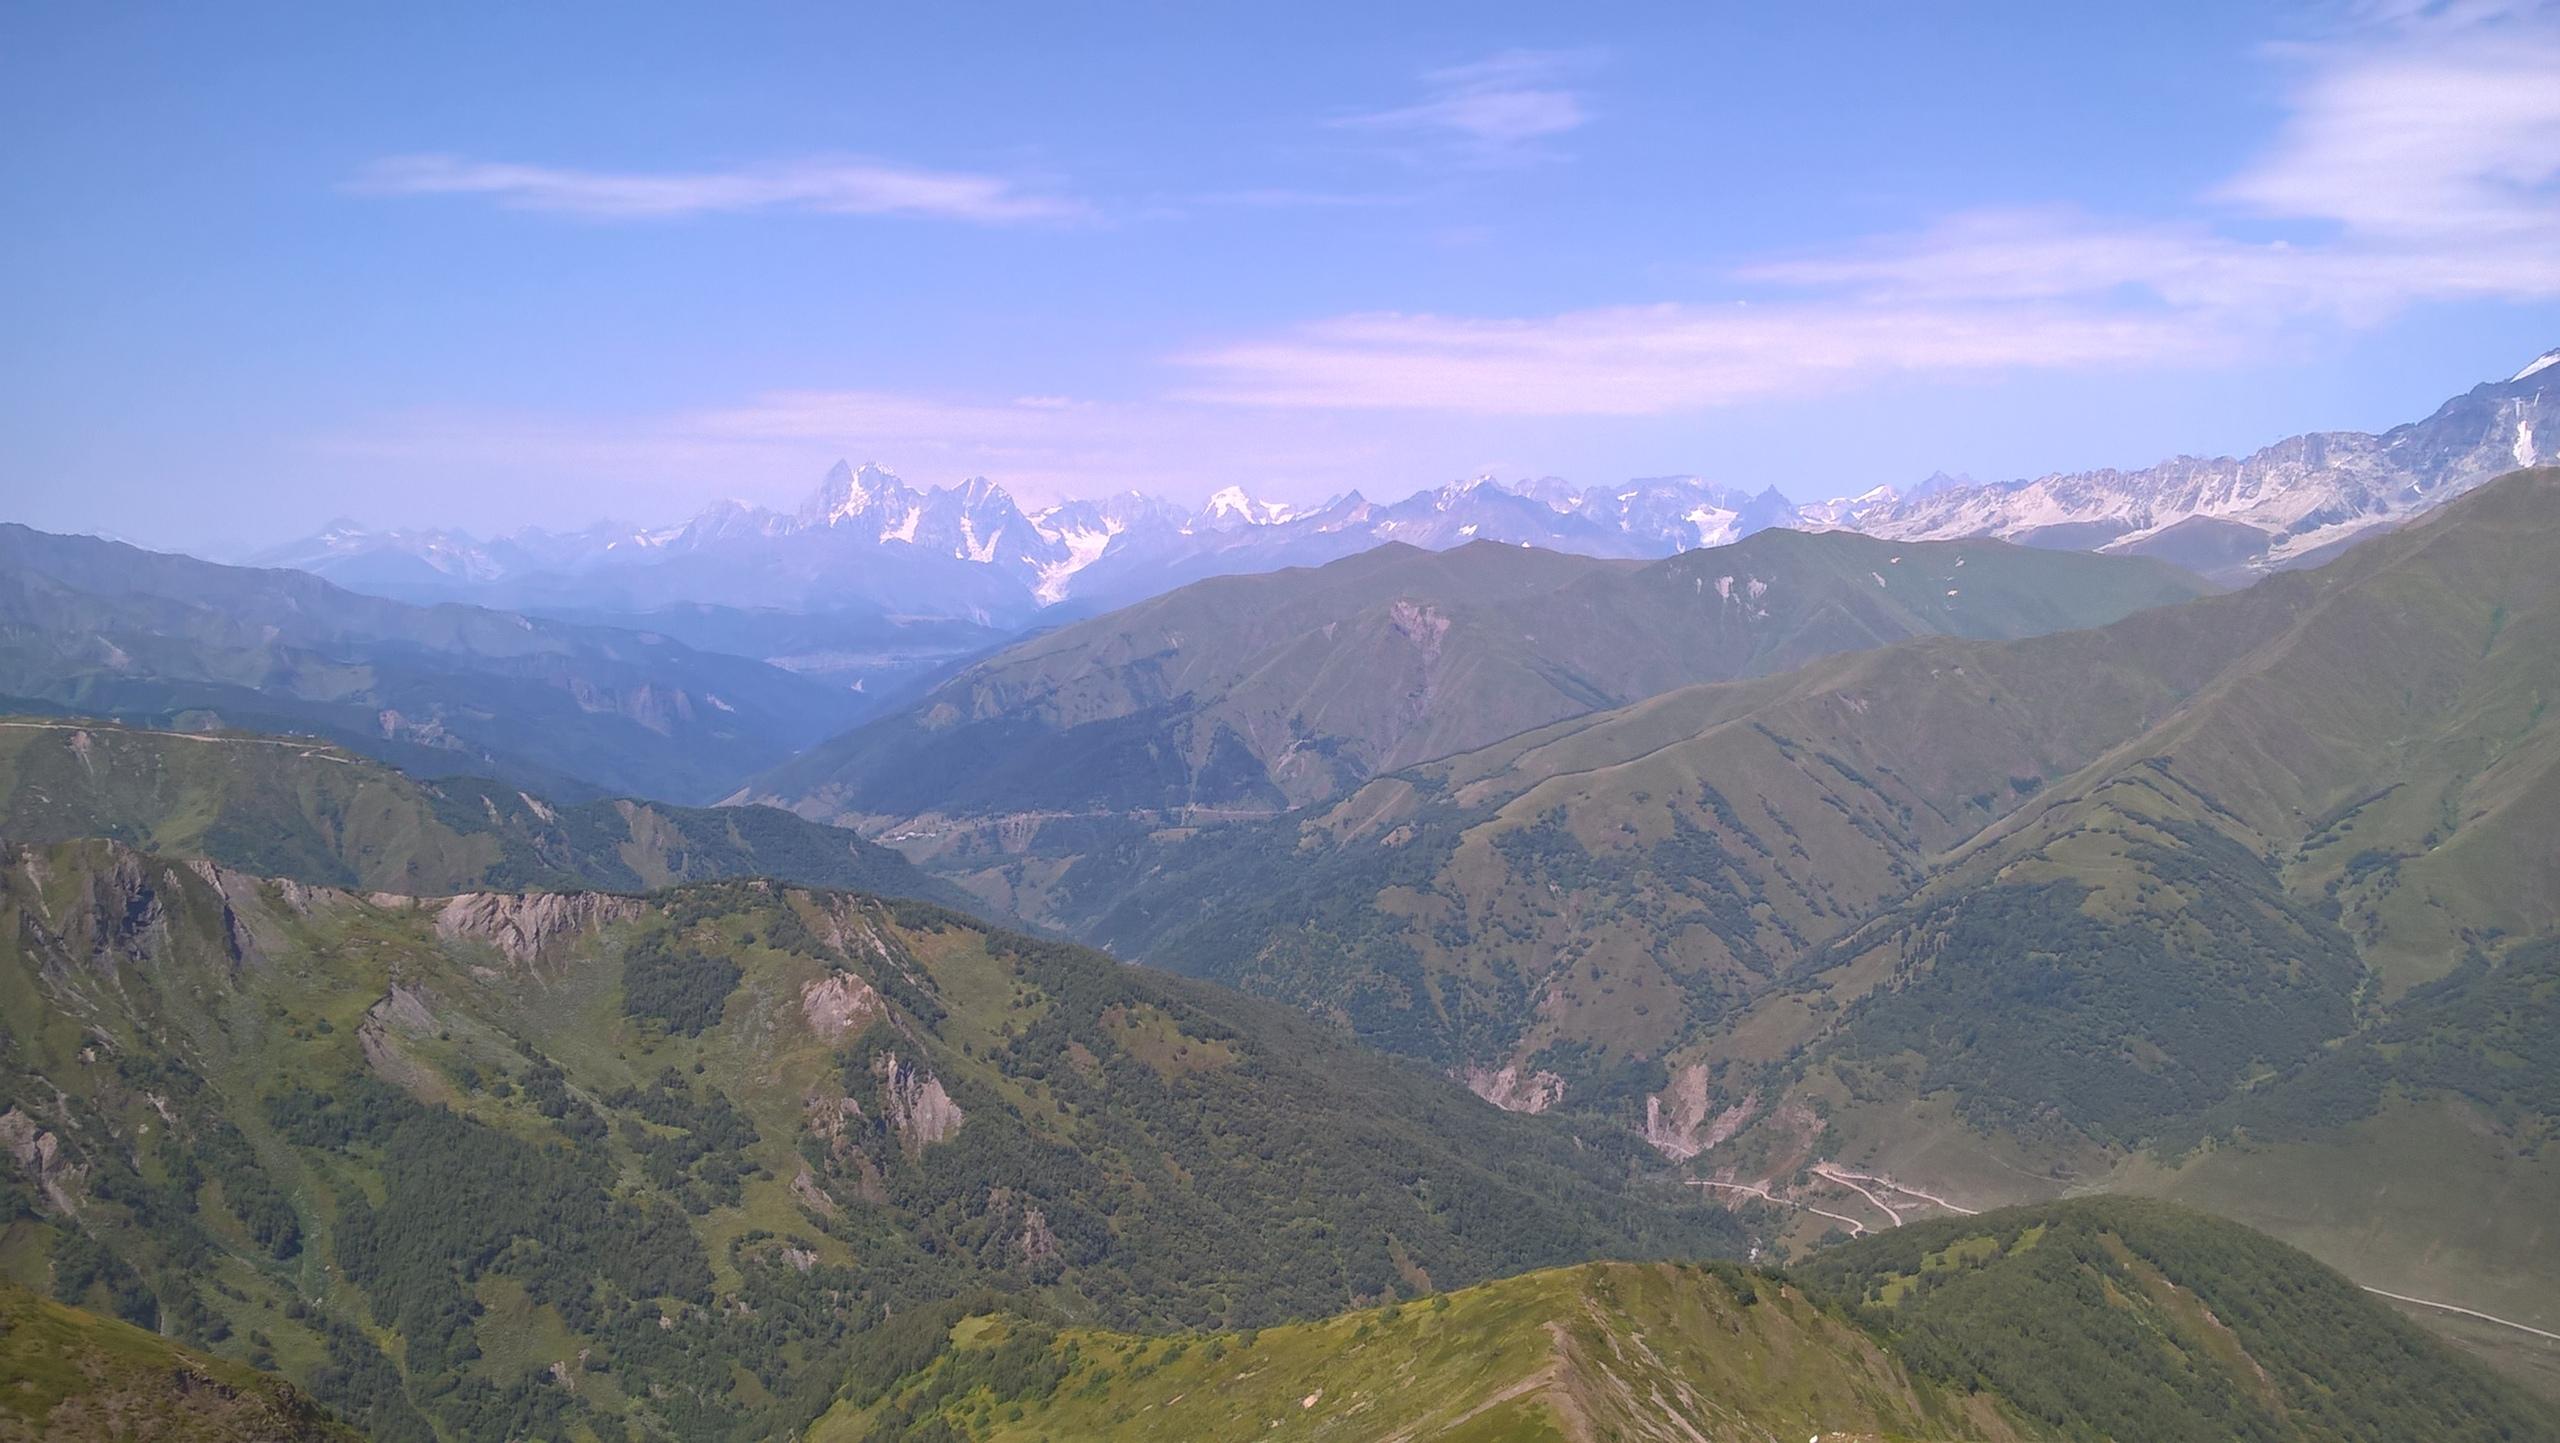 долина реки Ингури со Сванетского хребта